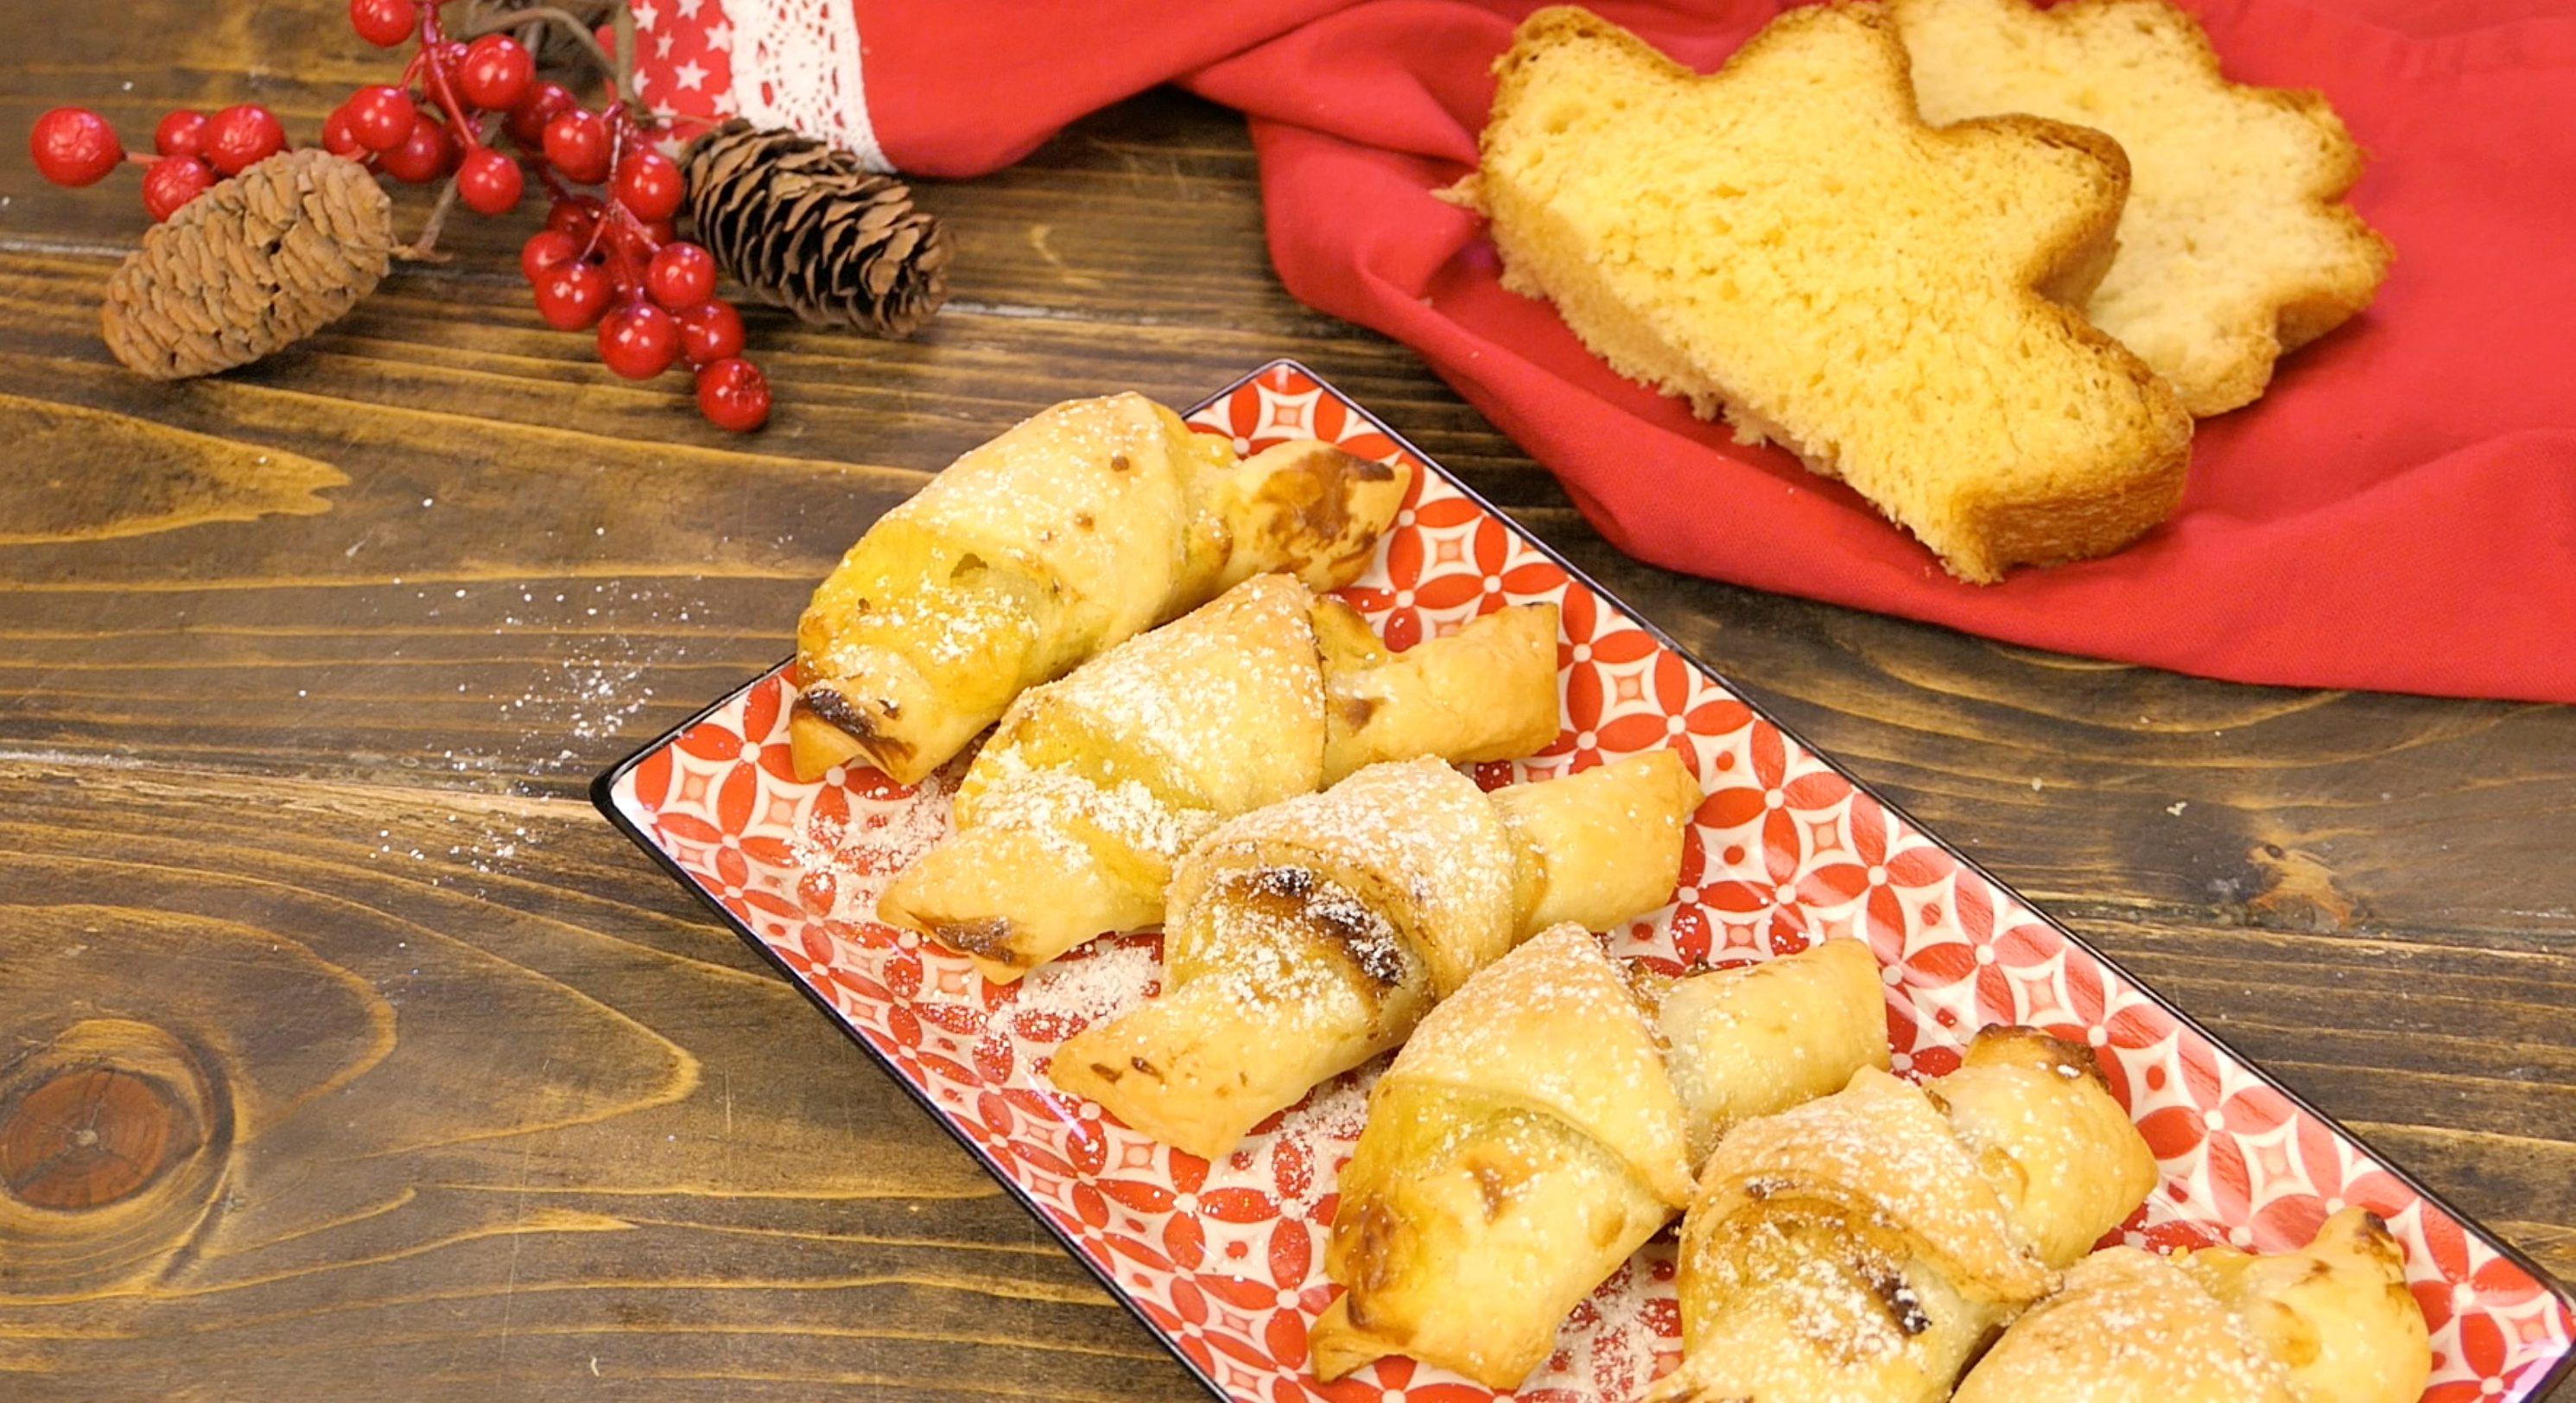 Cornetti di pandoro e sfoglia: la ricetta da riciclo golosa per la colazione